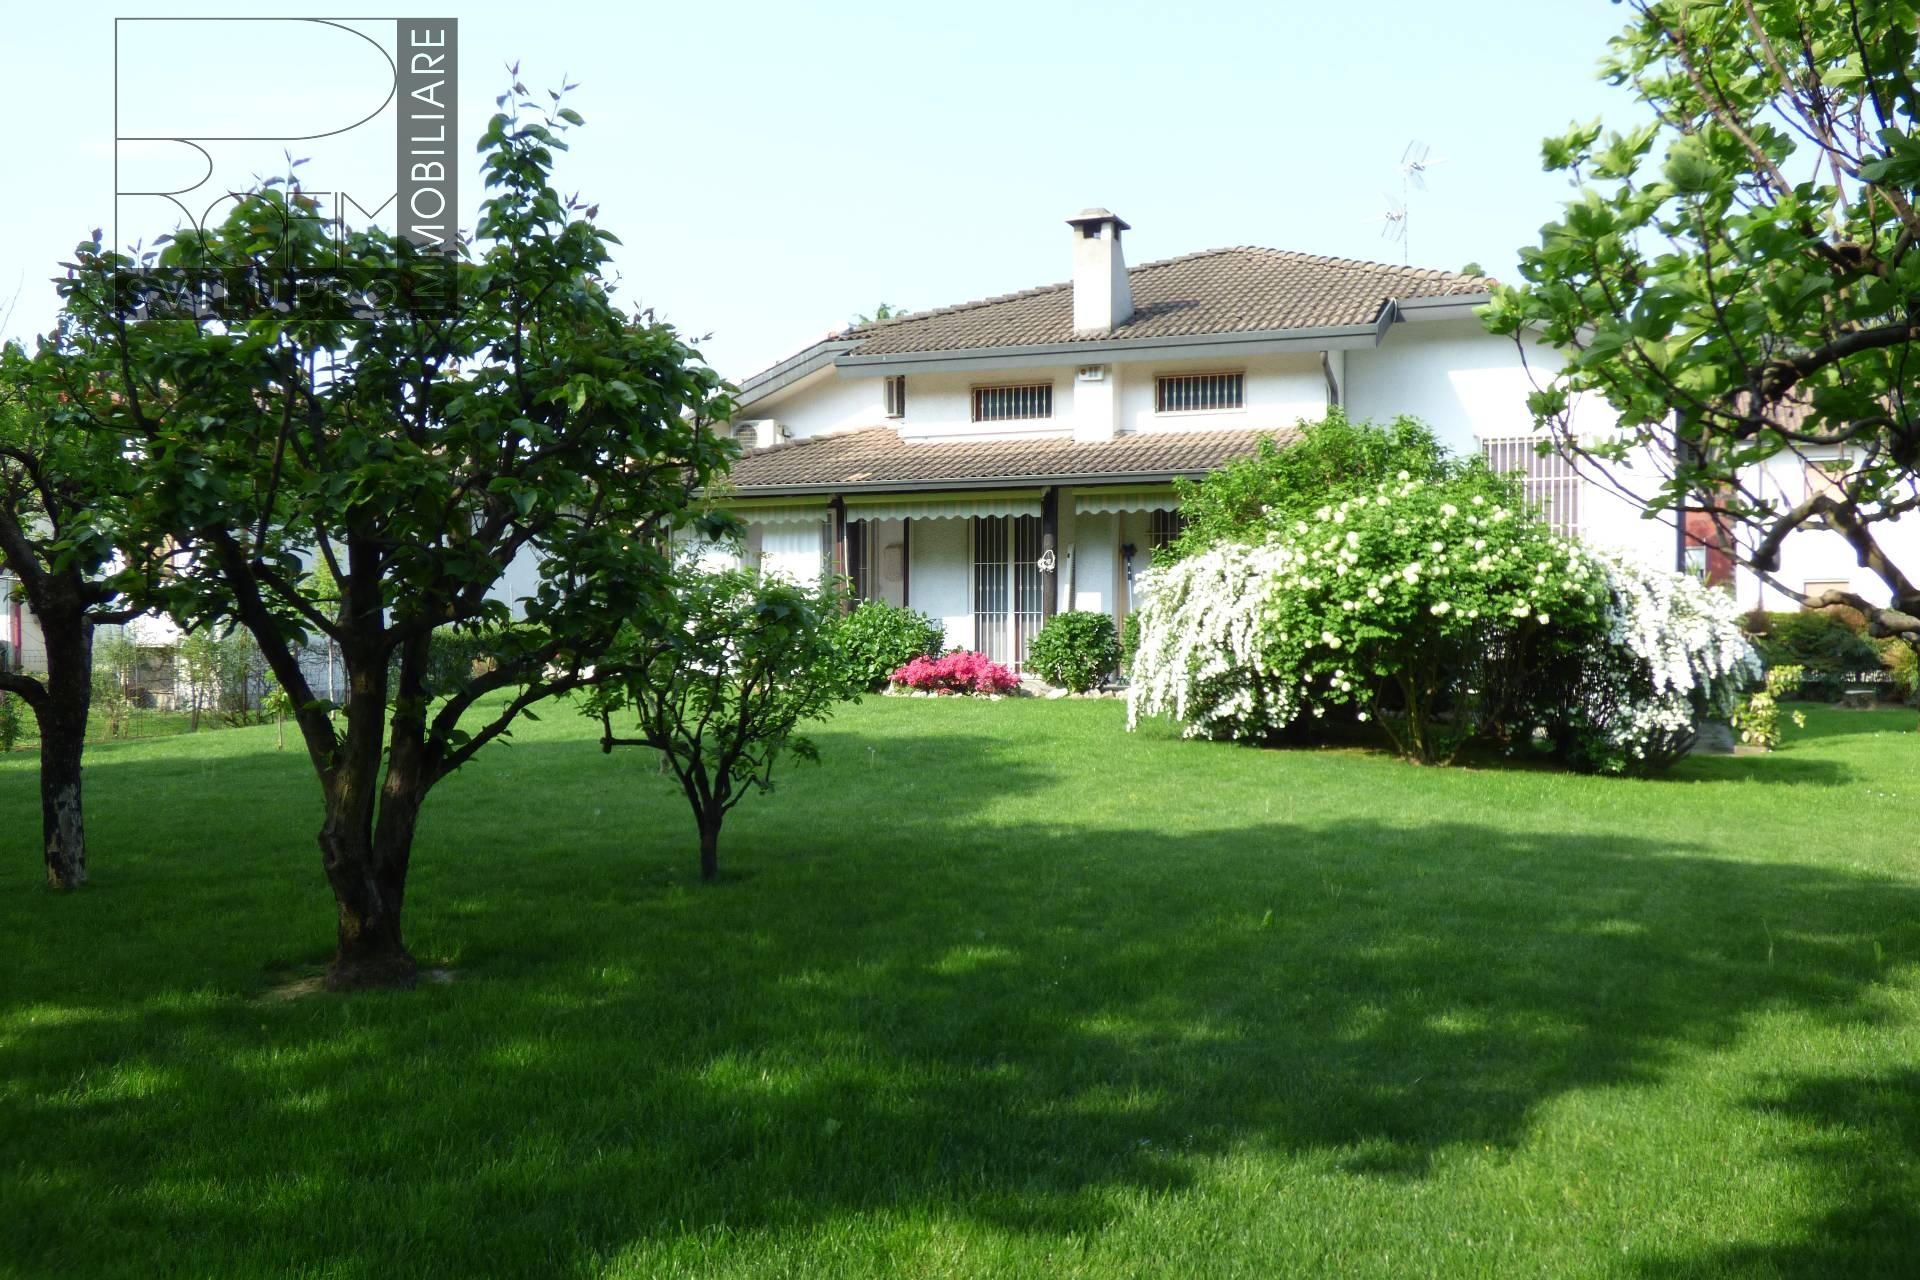 Villa in vendita a Paullo, 5 locali, Trattative riservate | Cambio Casa.it